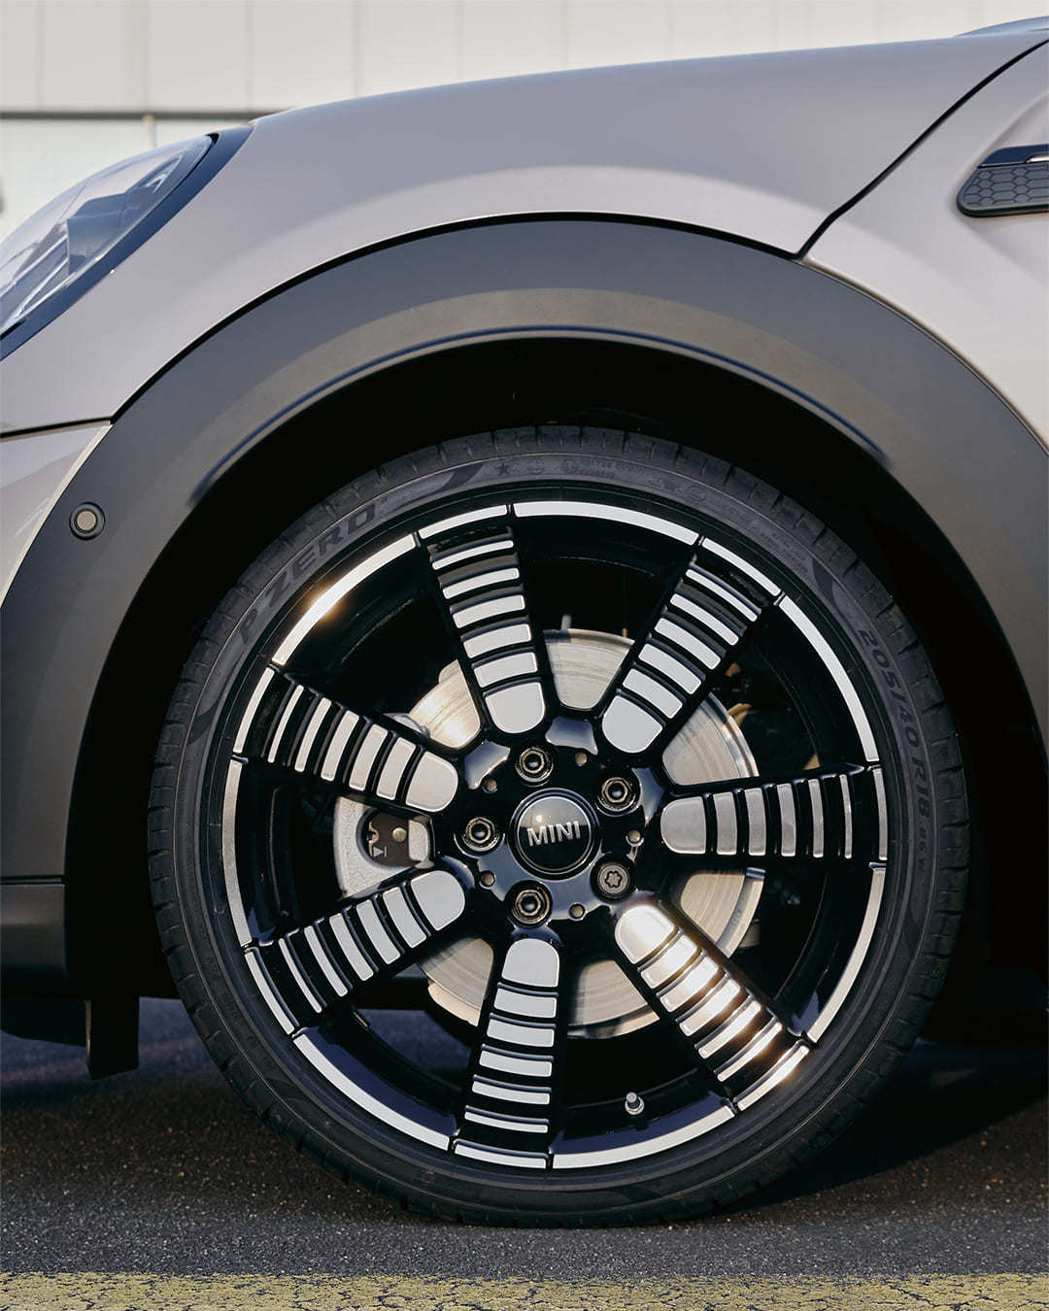 全新18吋Pulse Spoke Light輪圈採七輻式漸層設計,靜止時亦可展現...